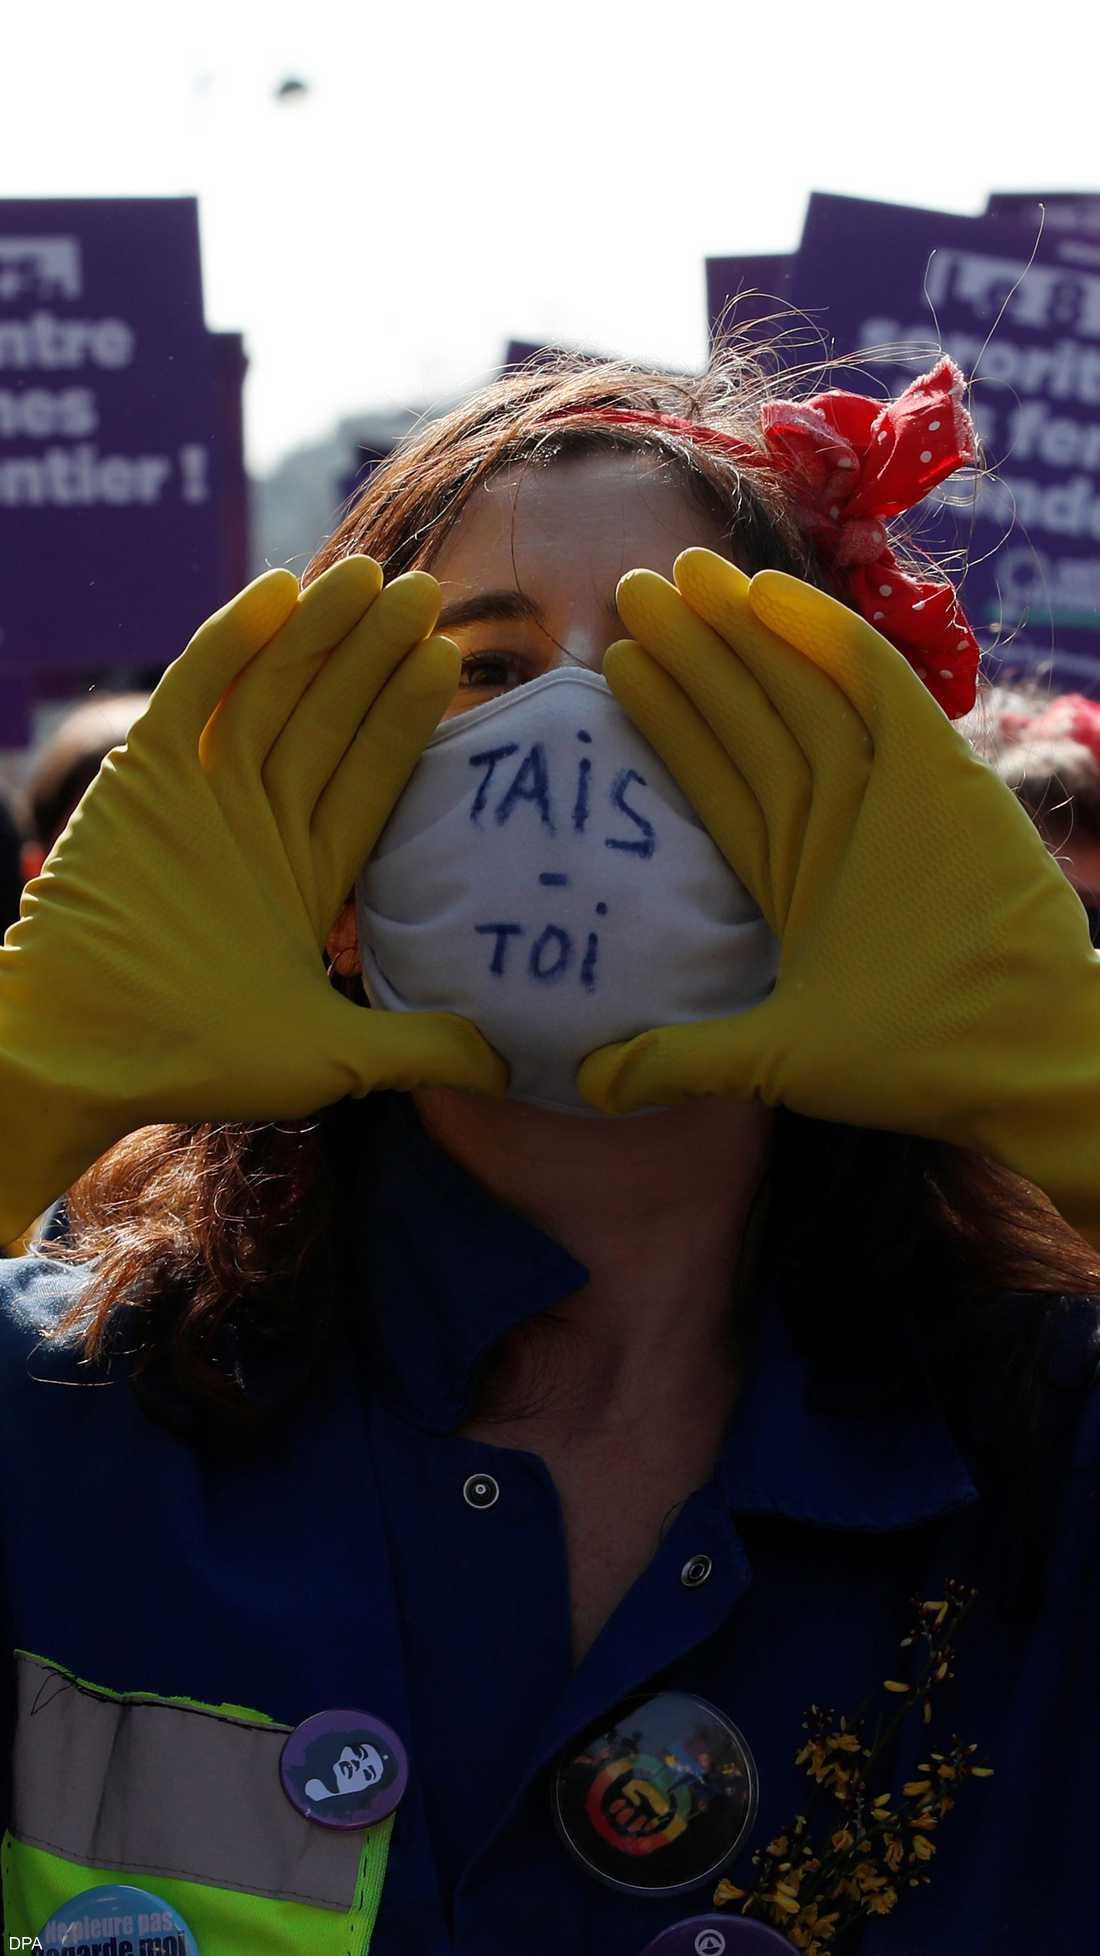 المرأة تحتفل بيومها العالمي